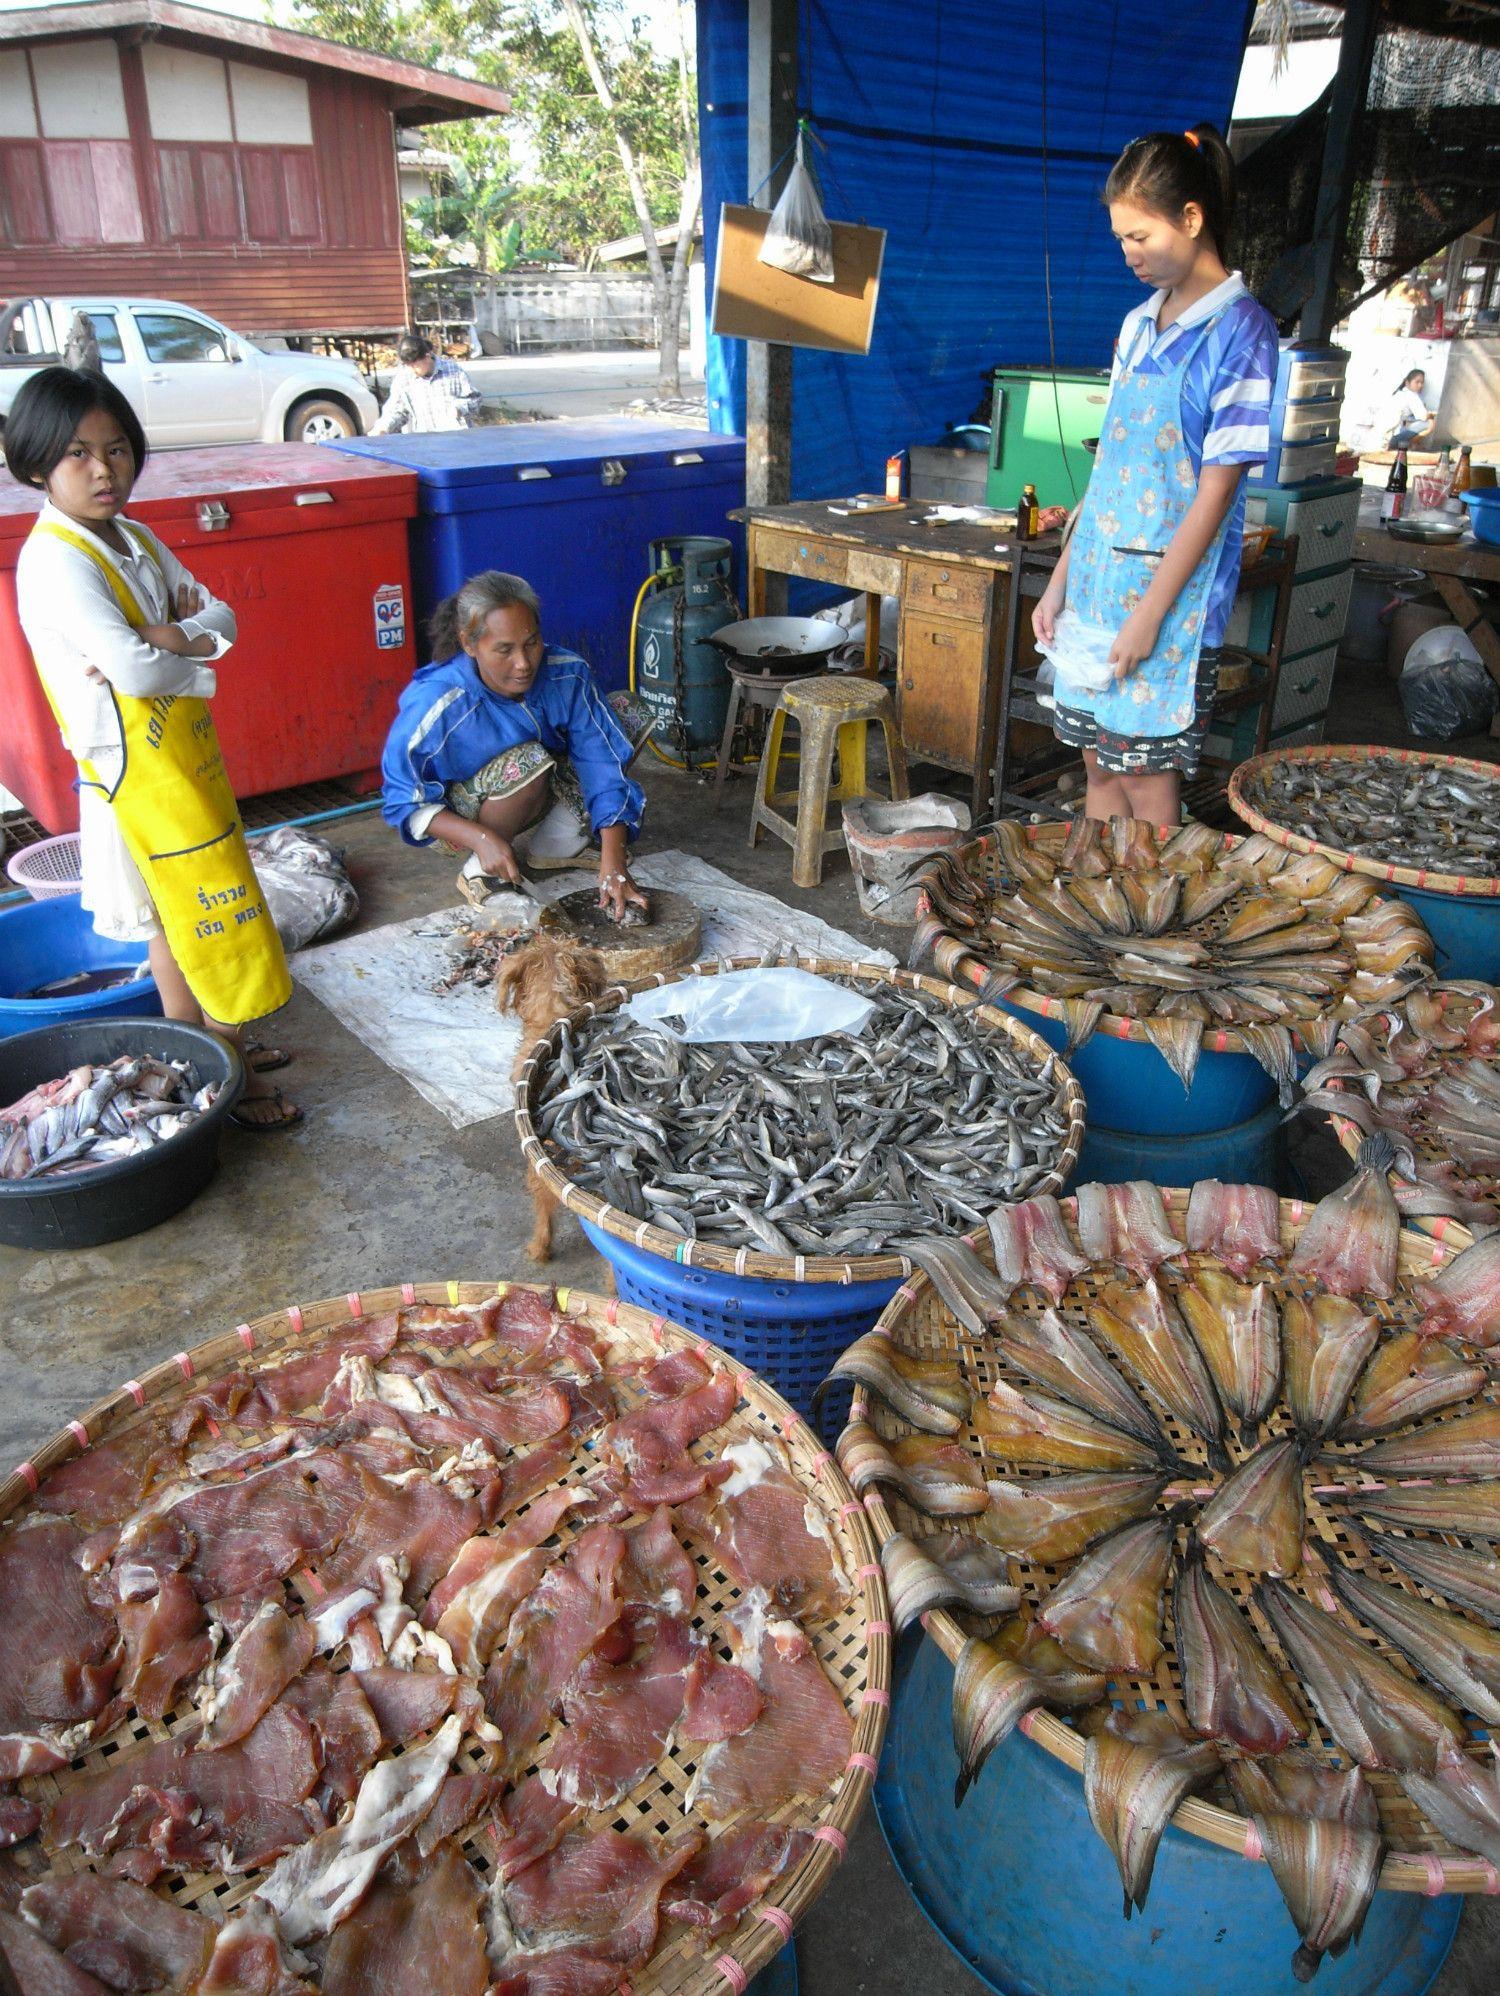 タイの市場で干物を作っているところ。©森枝卓士